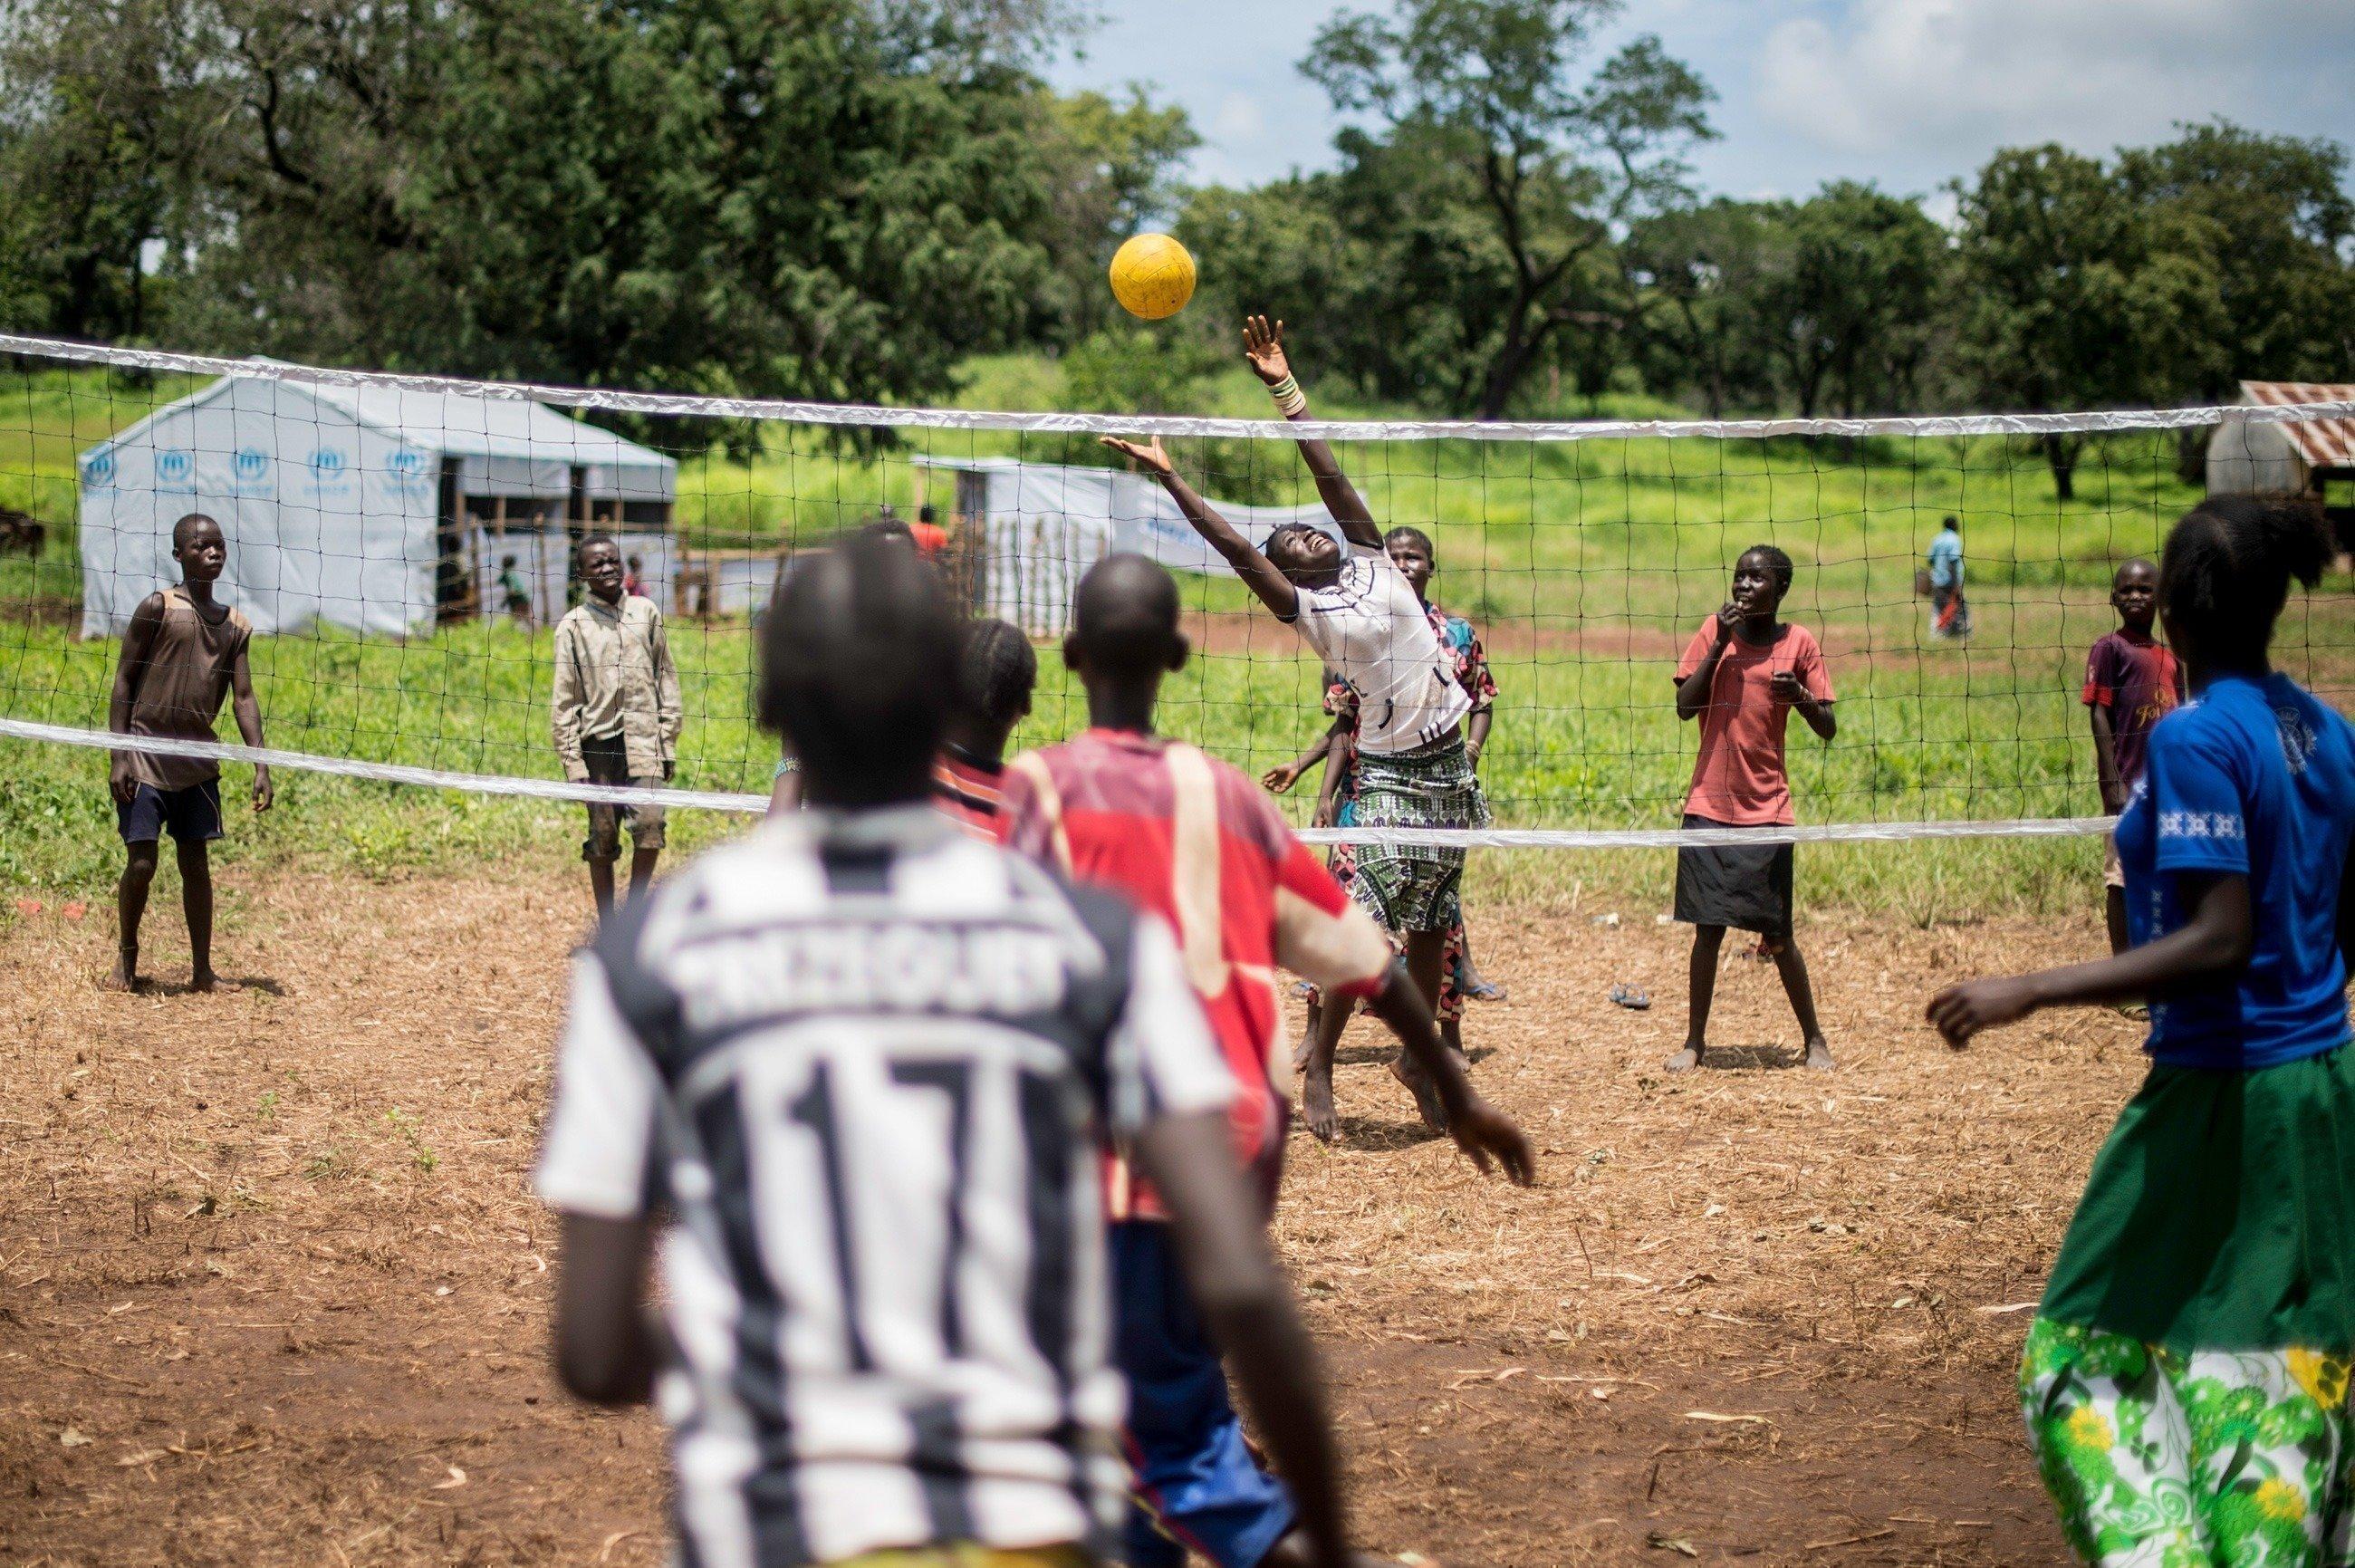 Un gruppo di bambini gioca a pallavolo.